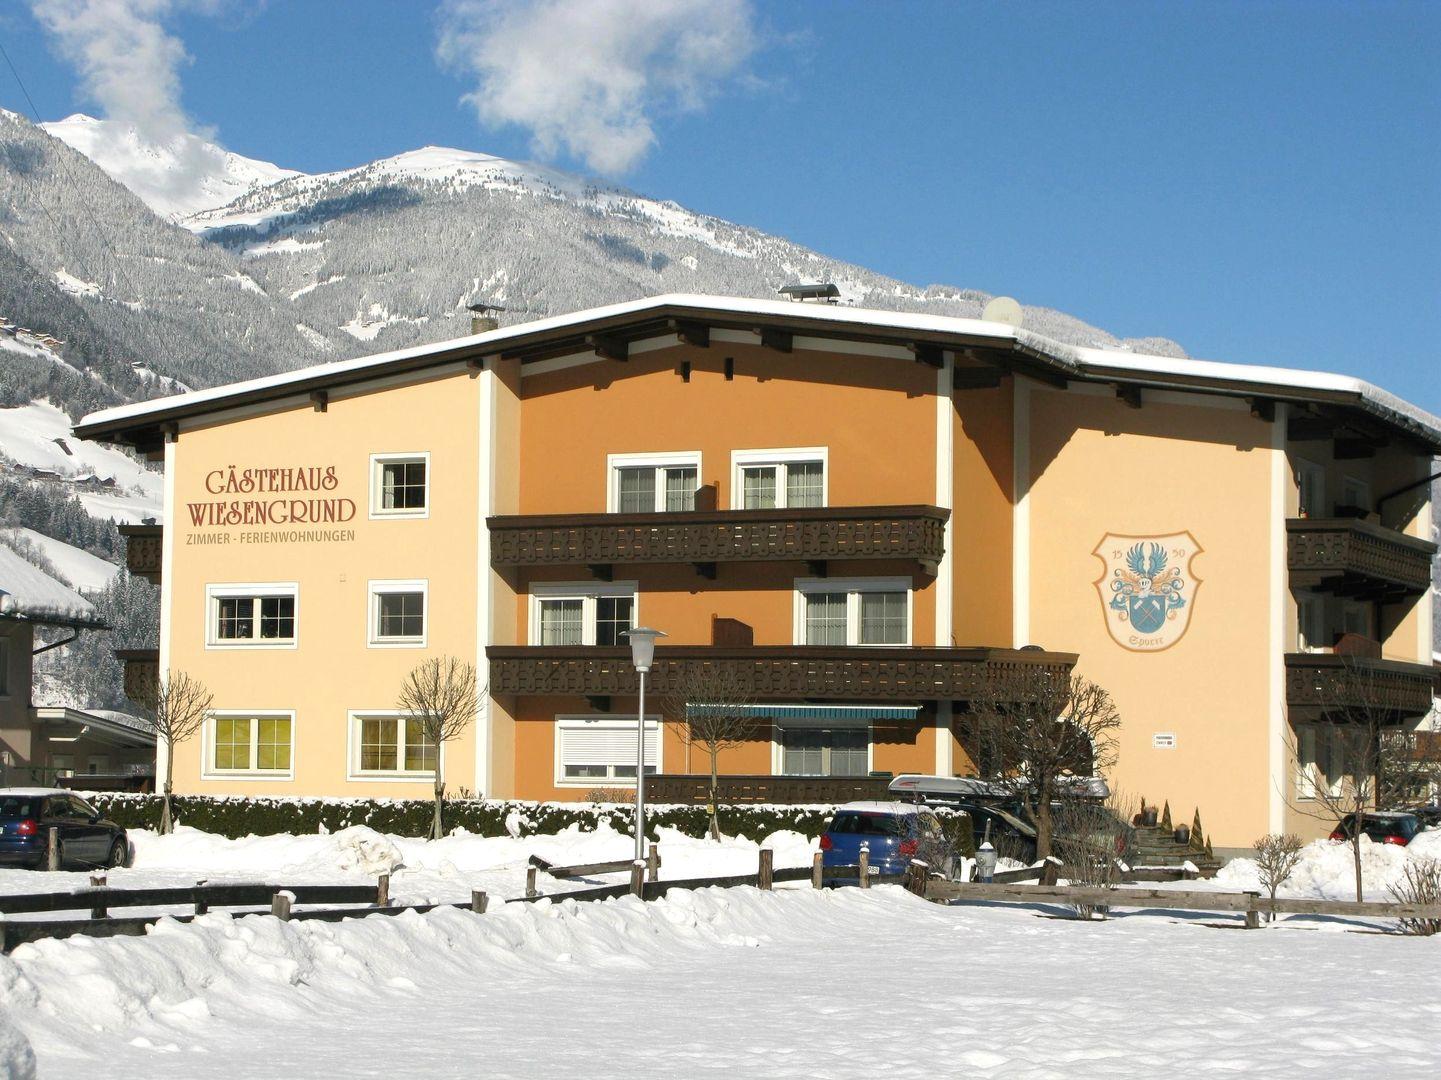 Mayrhofen - Gastehaus Wiesengrund